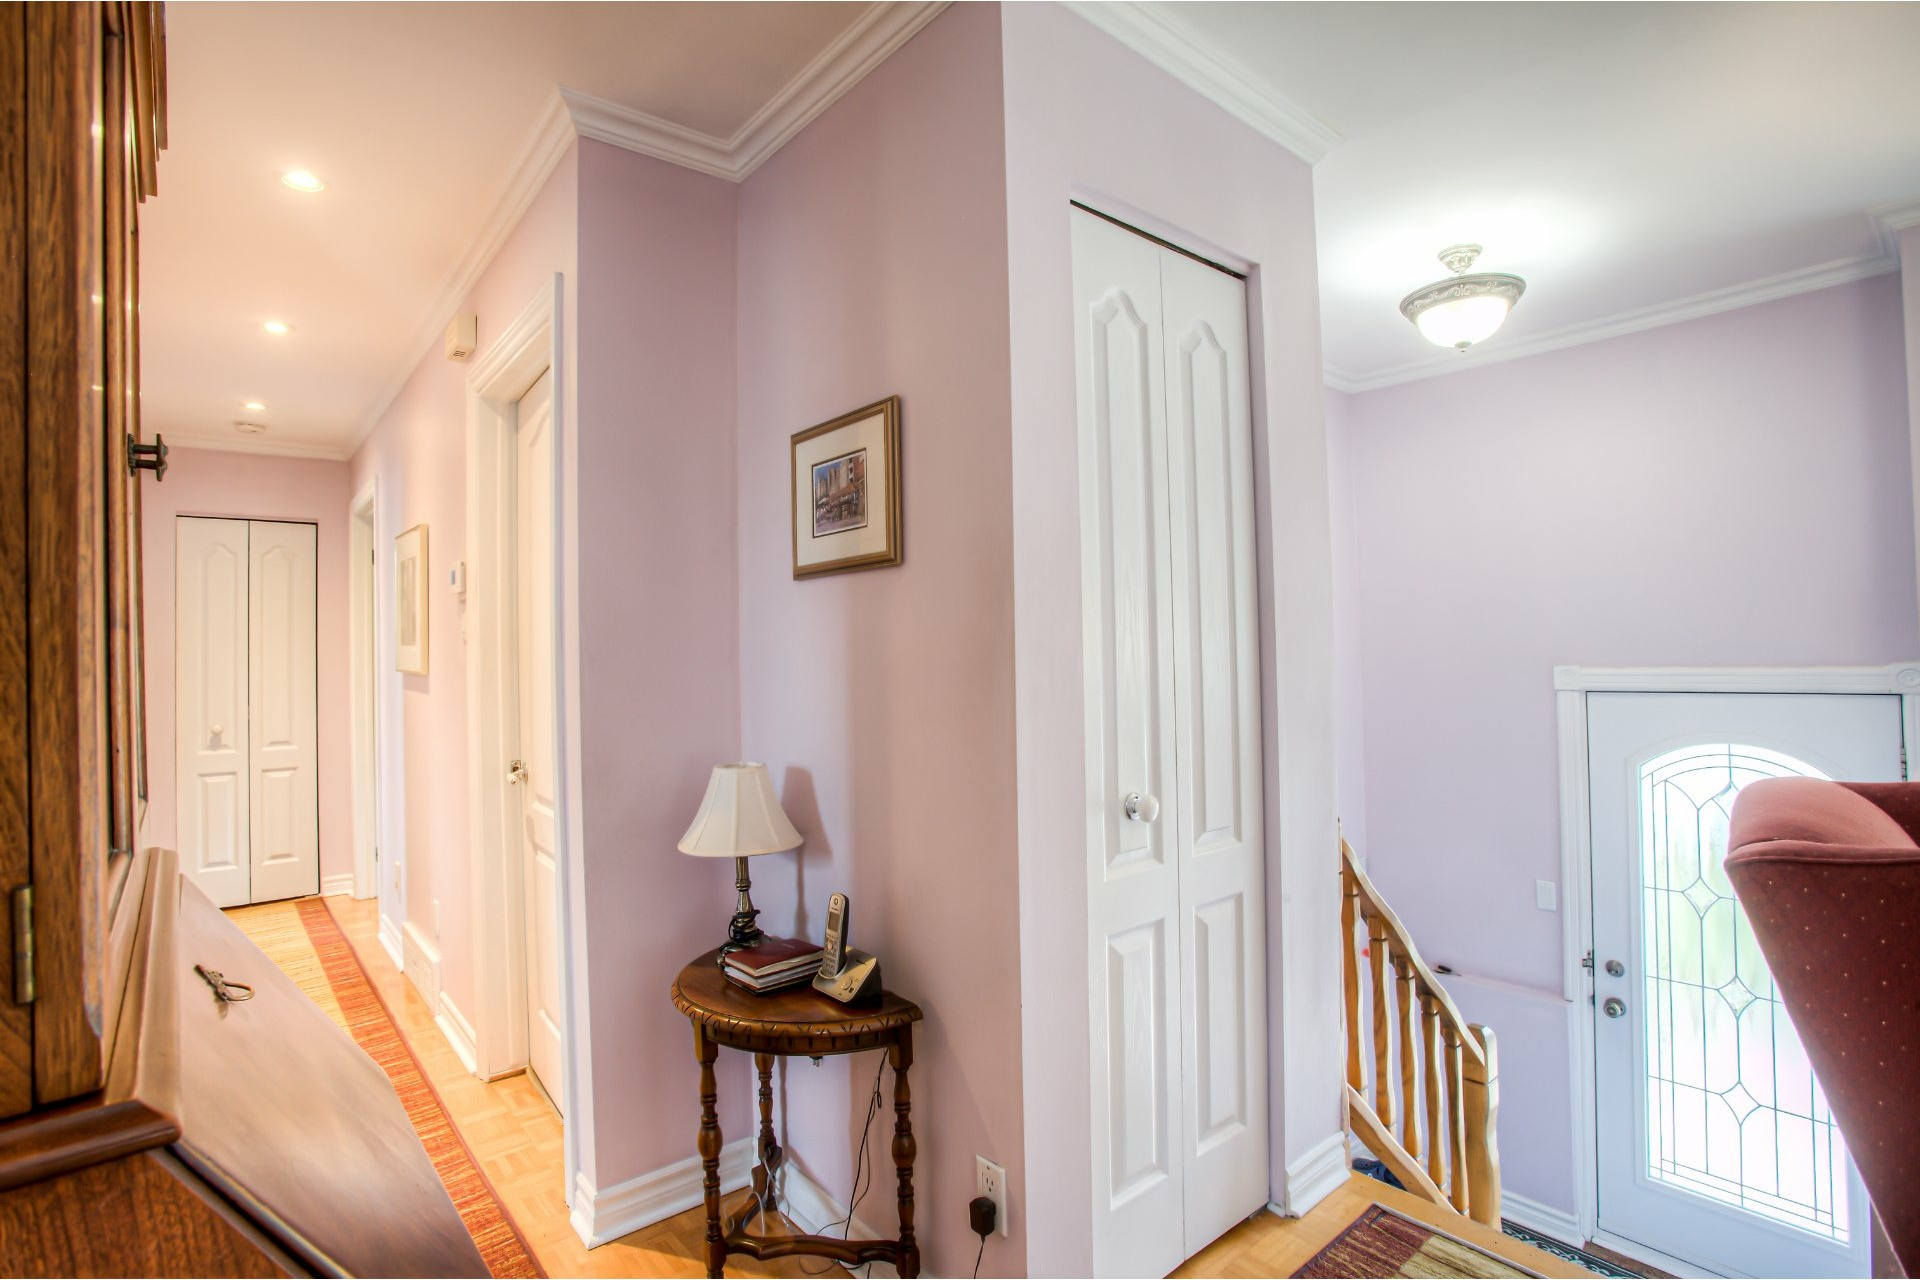 image 3 - Maison À vendre Pierrefonds-Roxboro Montréal  - 10 pièces